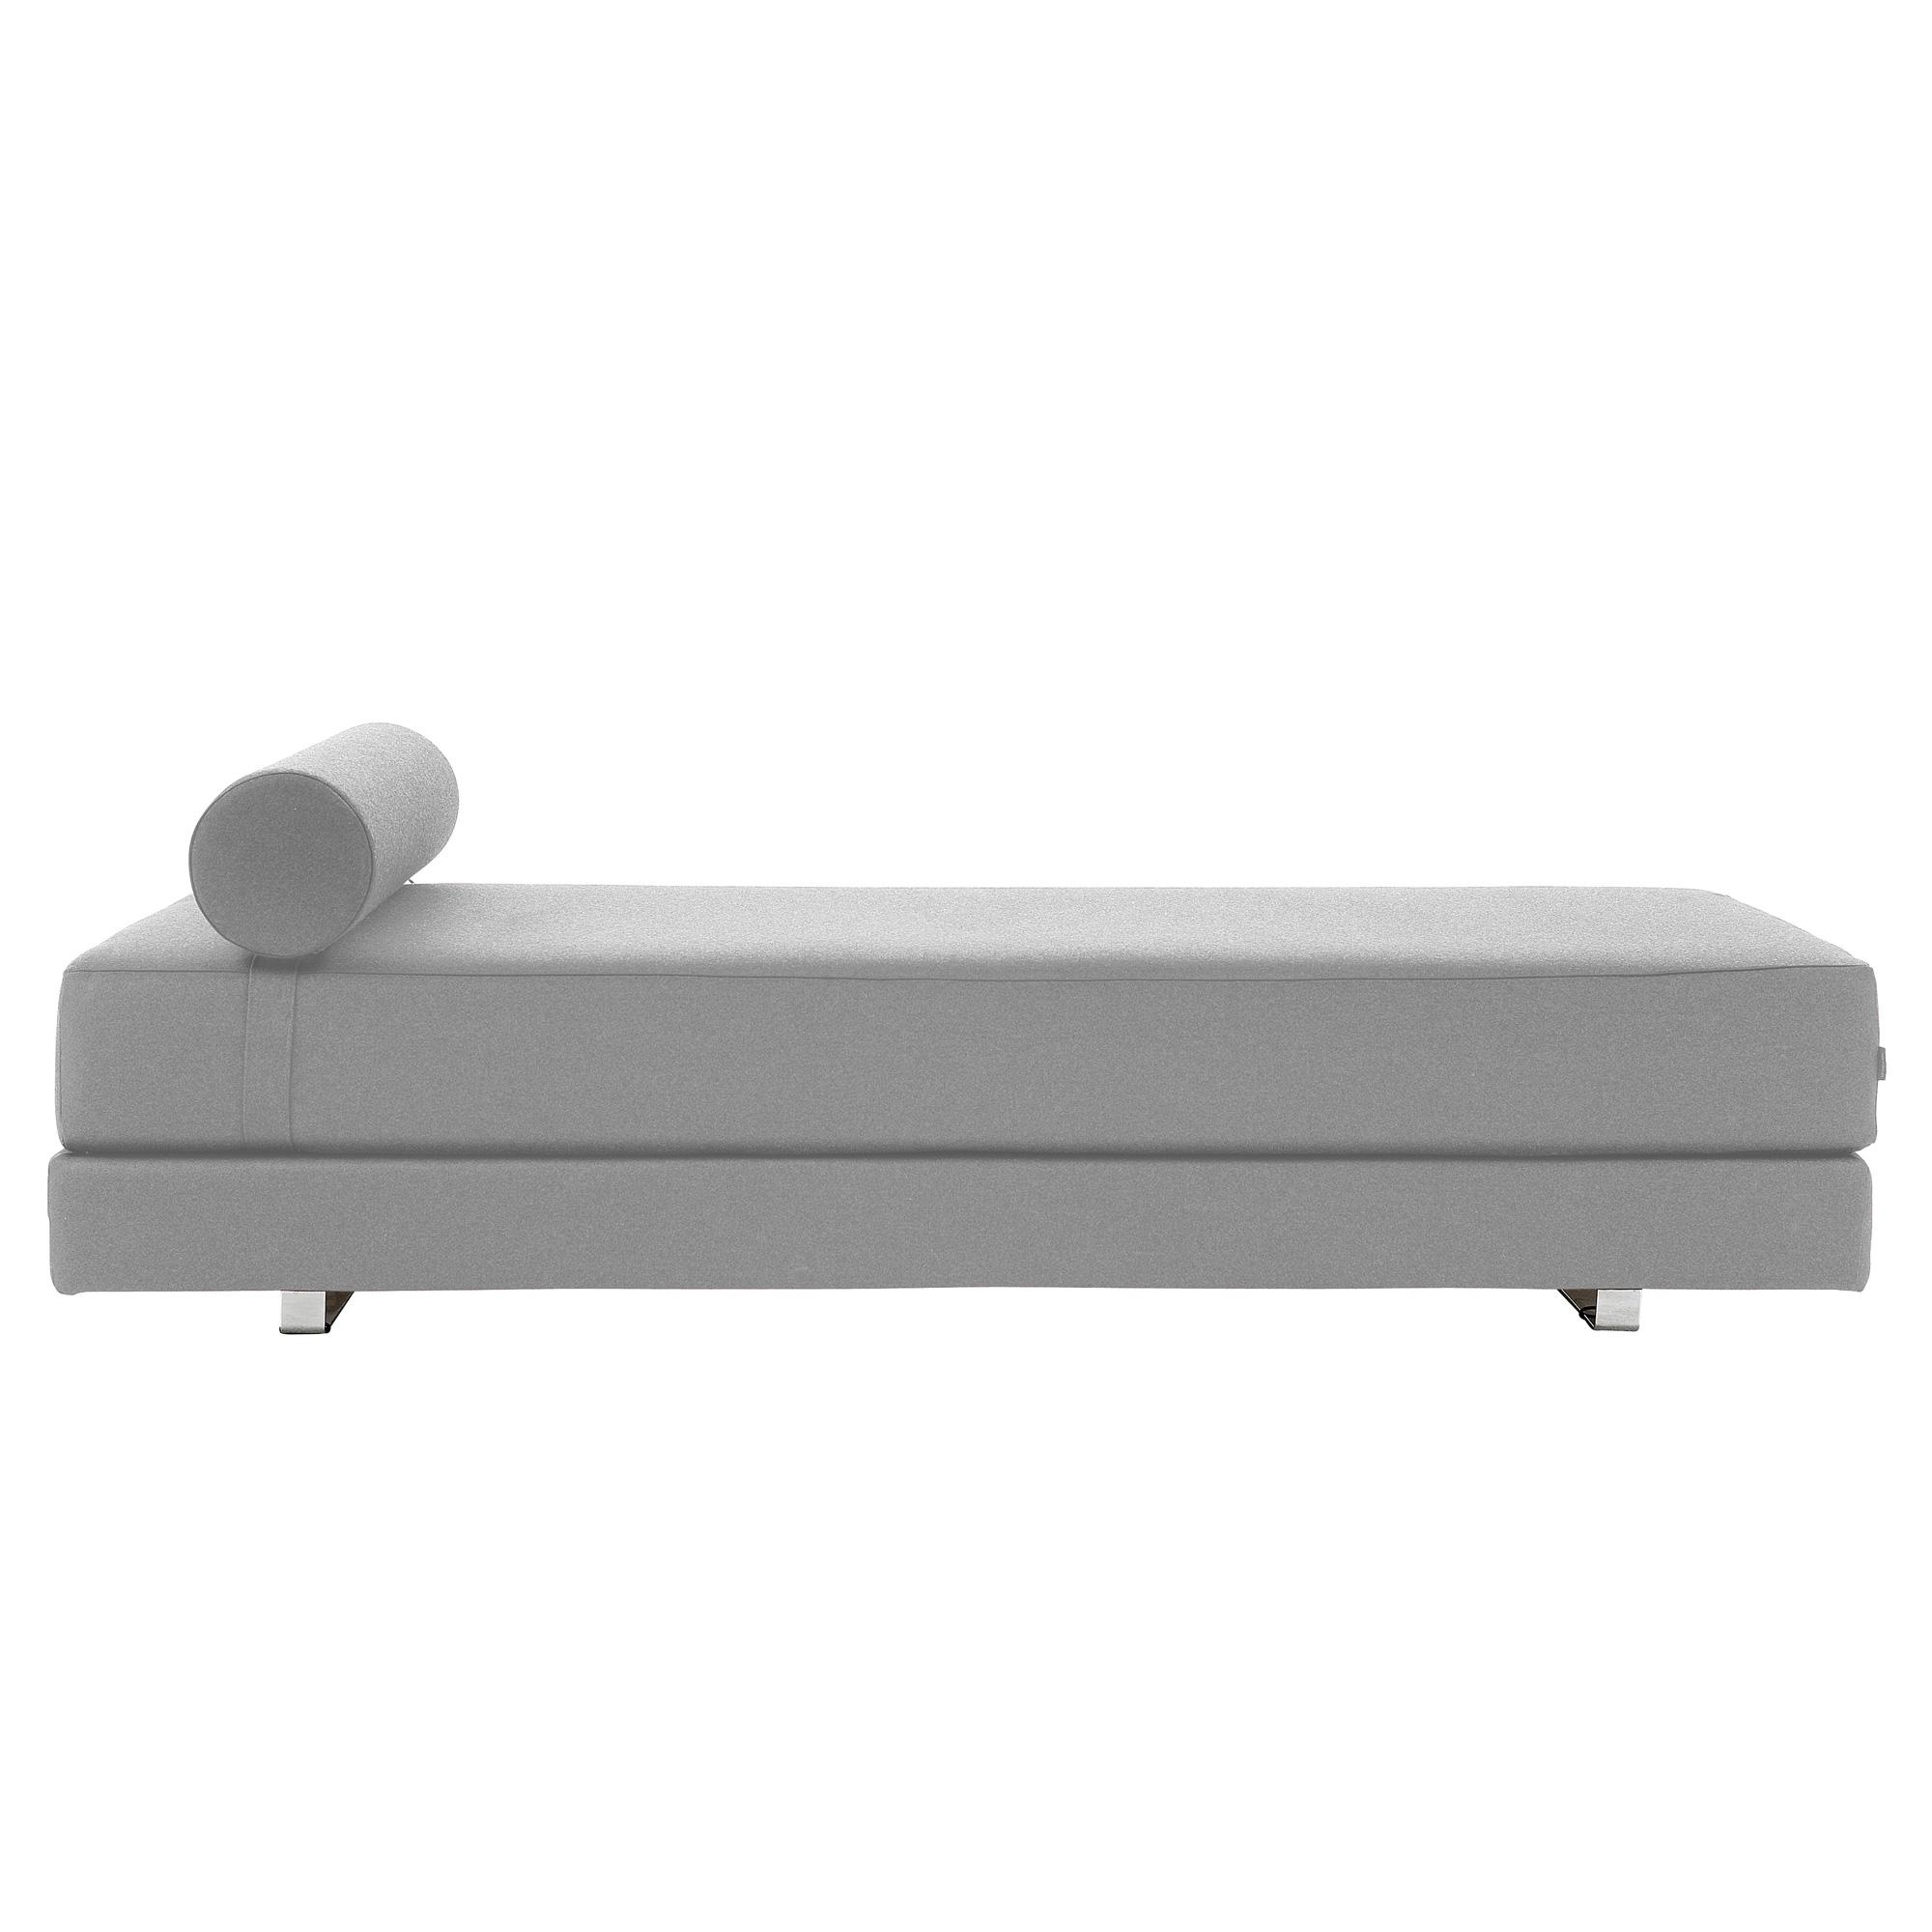 softline lubi schlafsofa mit taschenfederkern 2 201 620. Black Bedroom Furniture Sets. Home Design Ideas